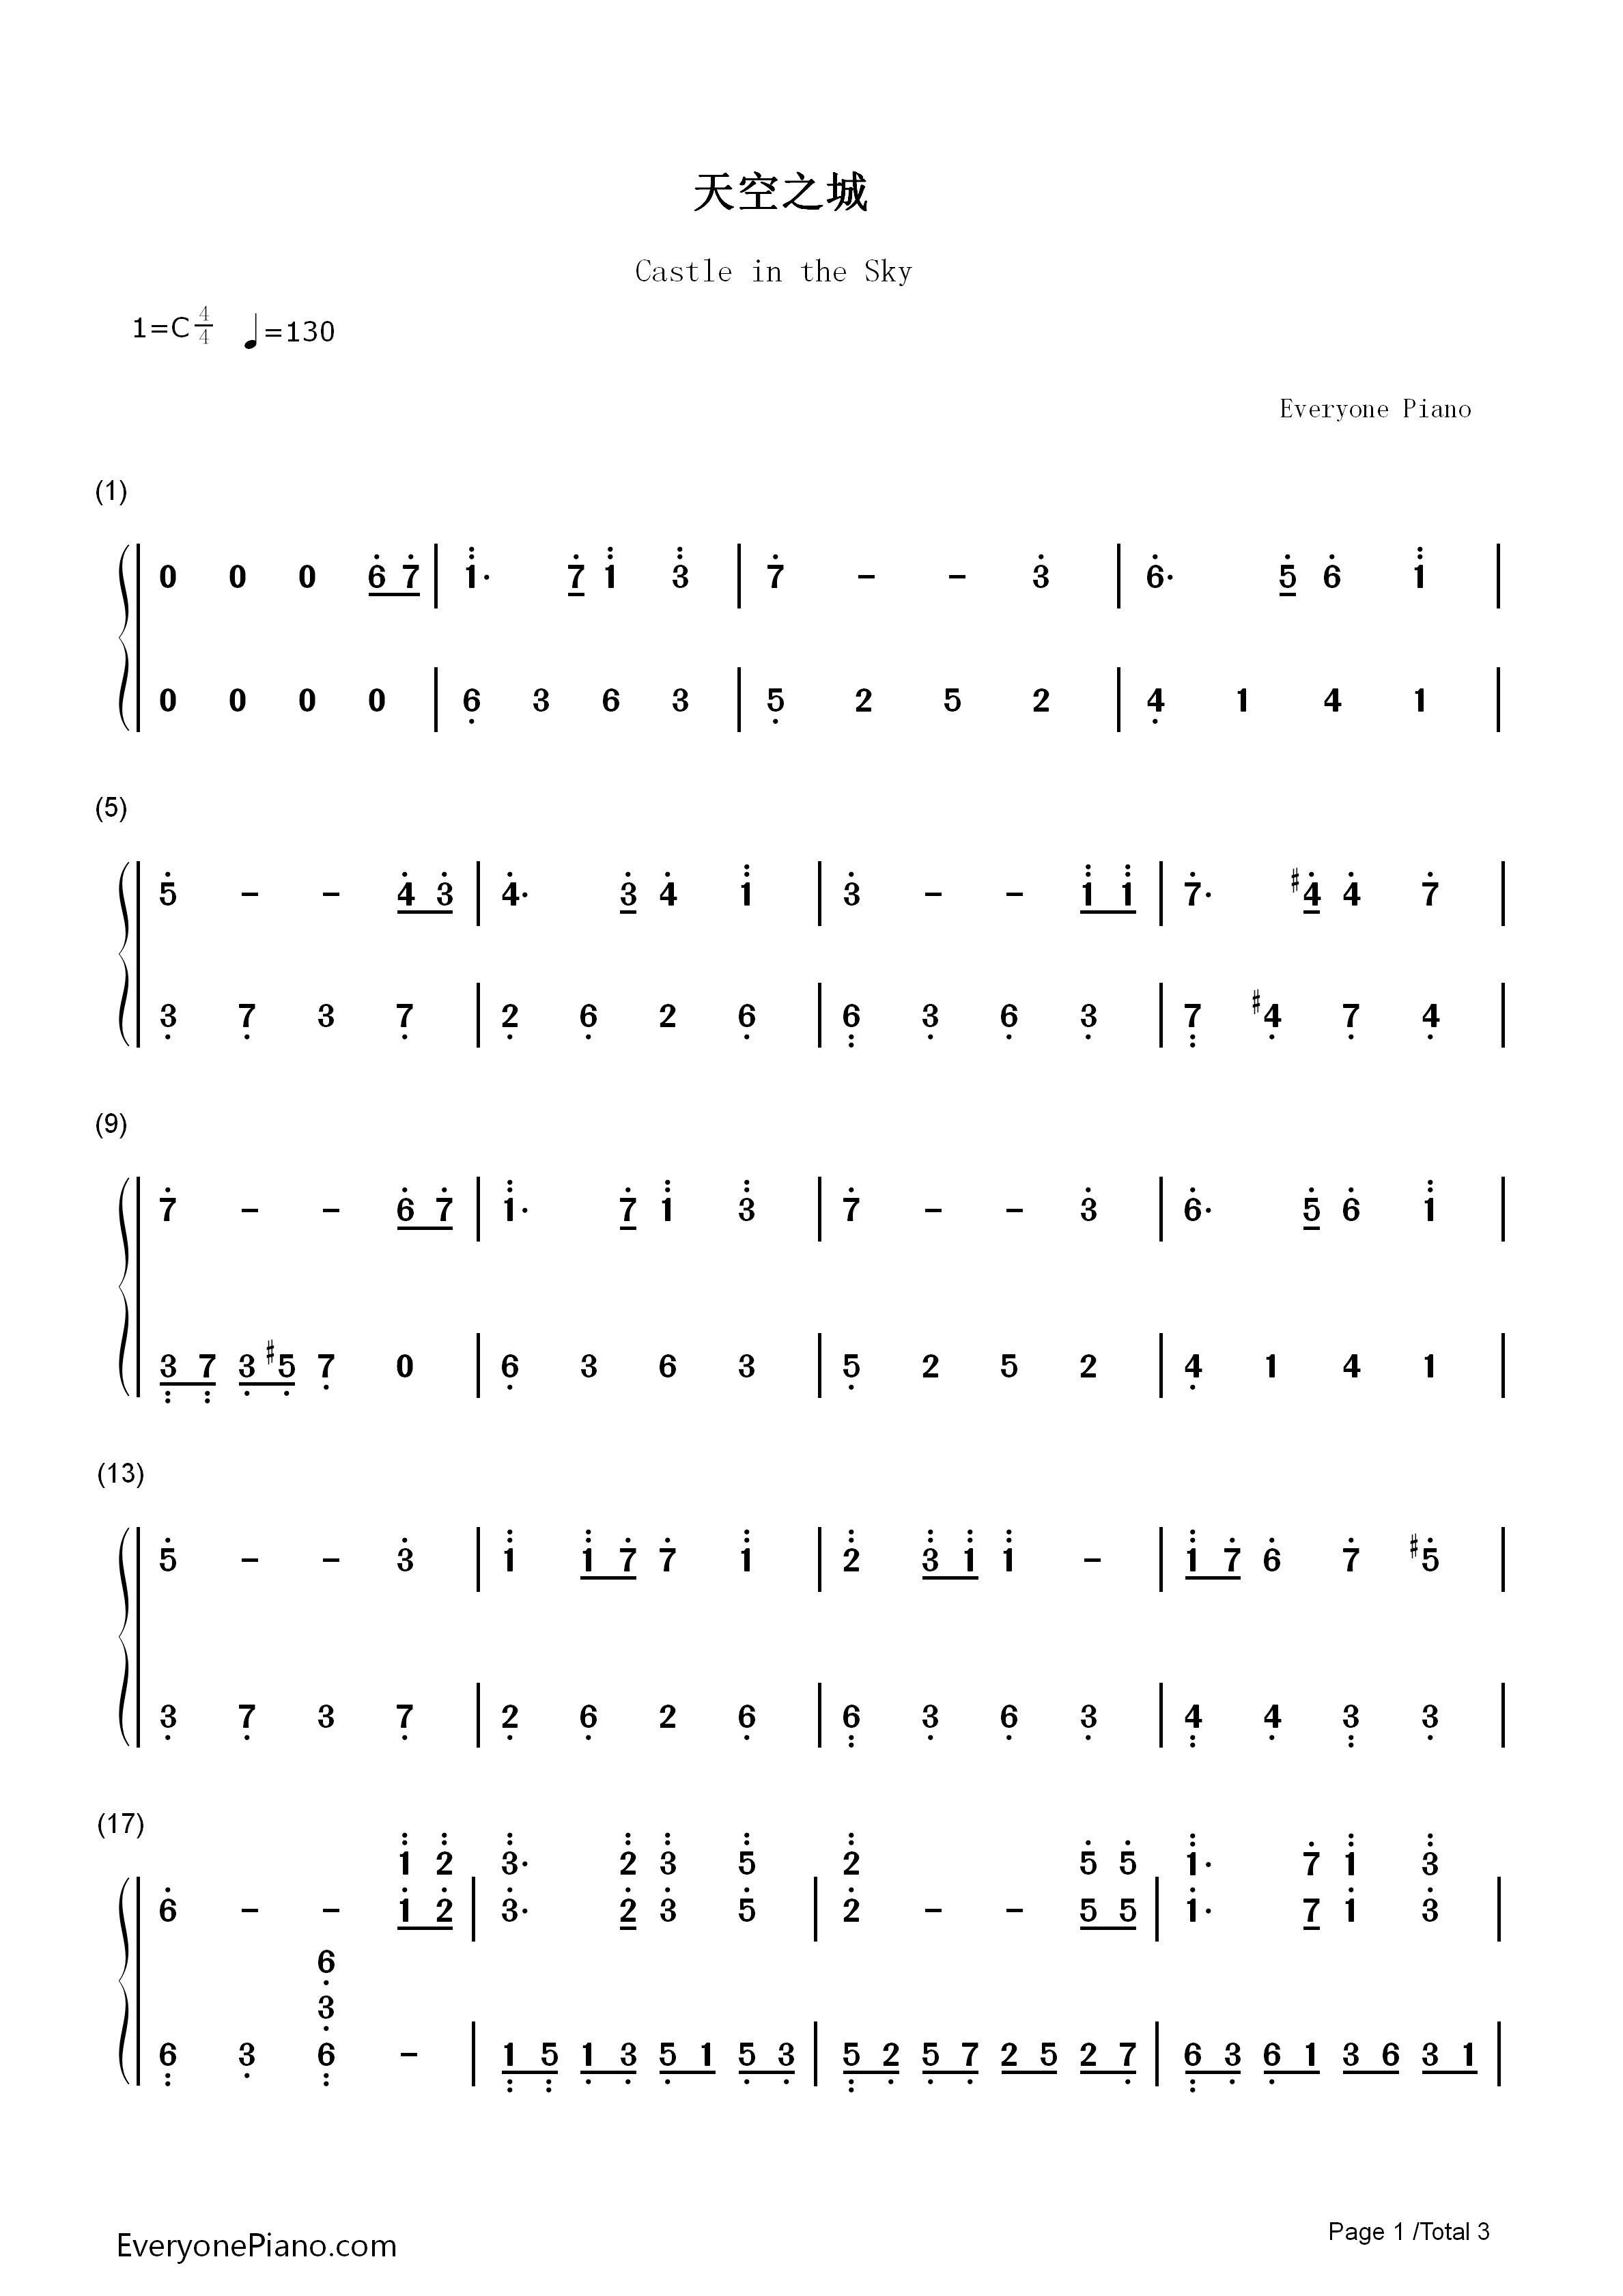 钢琴曲谱 动漫 天空之城完美简单版-eop教学曲 天空之城完美简单版